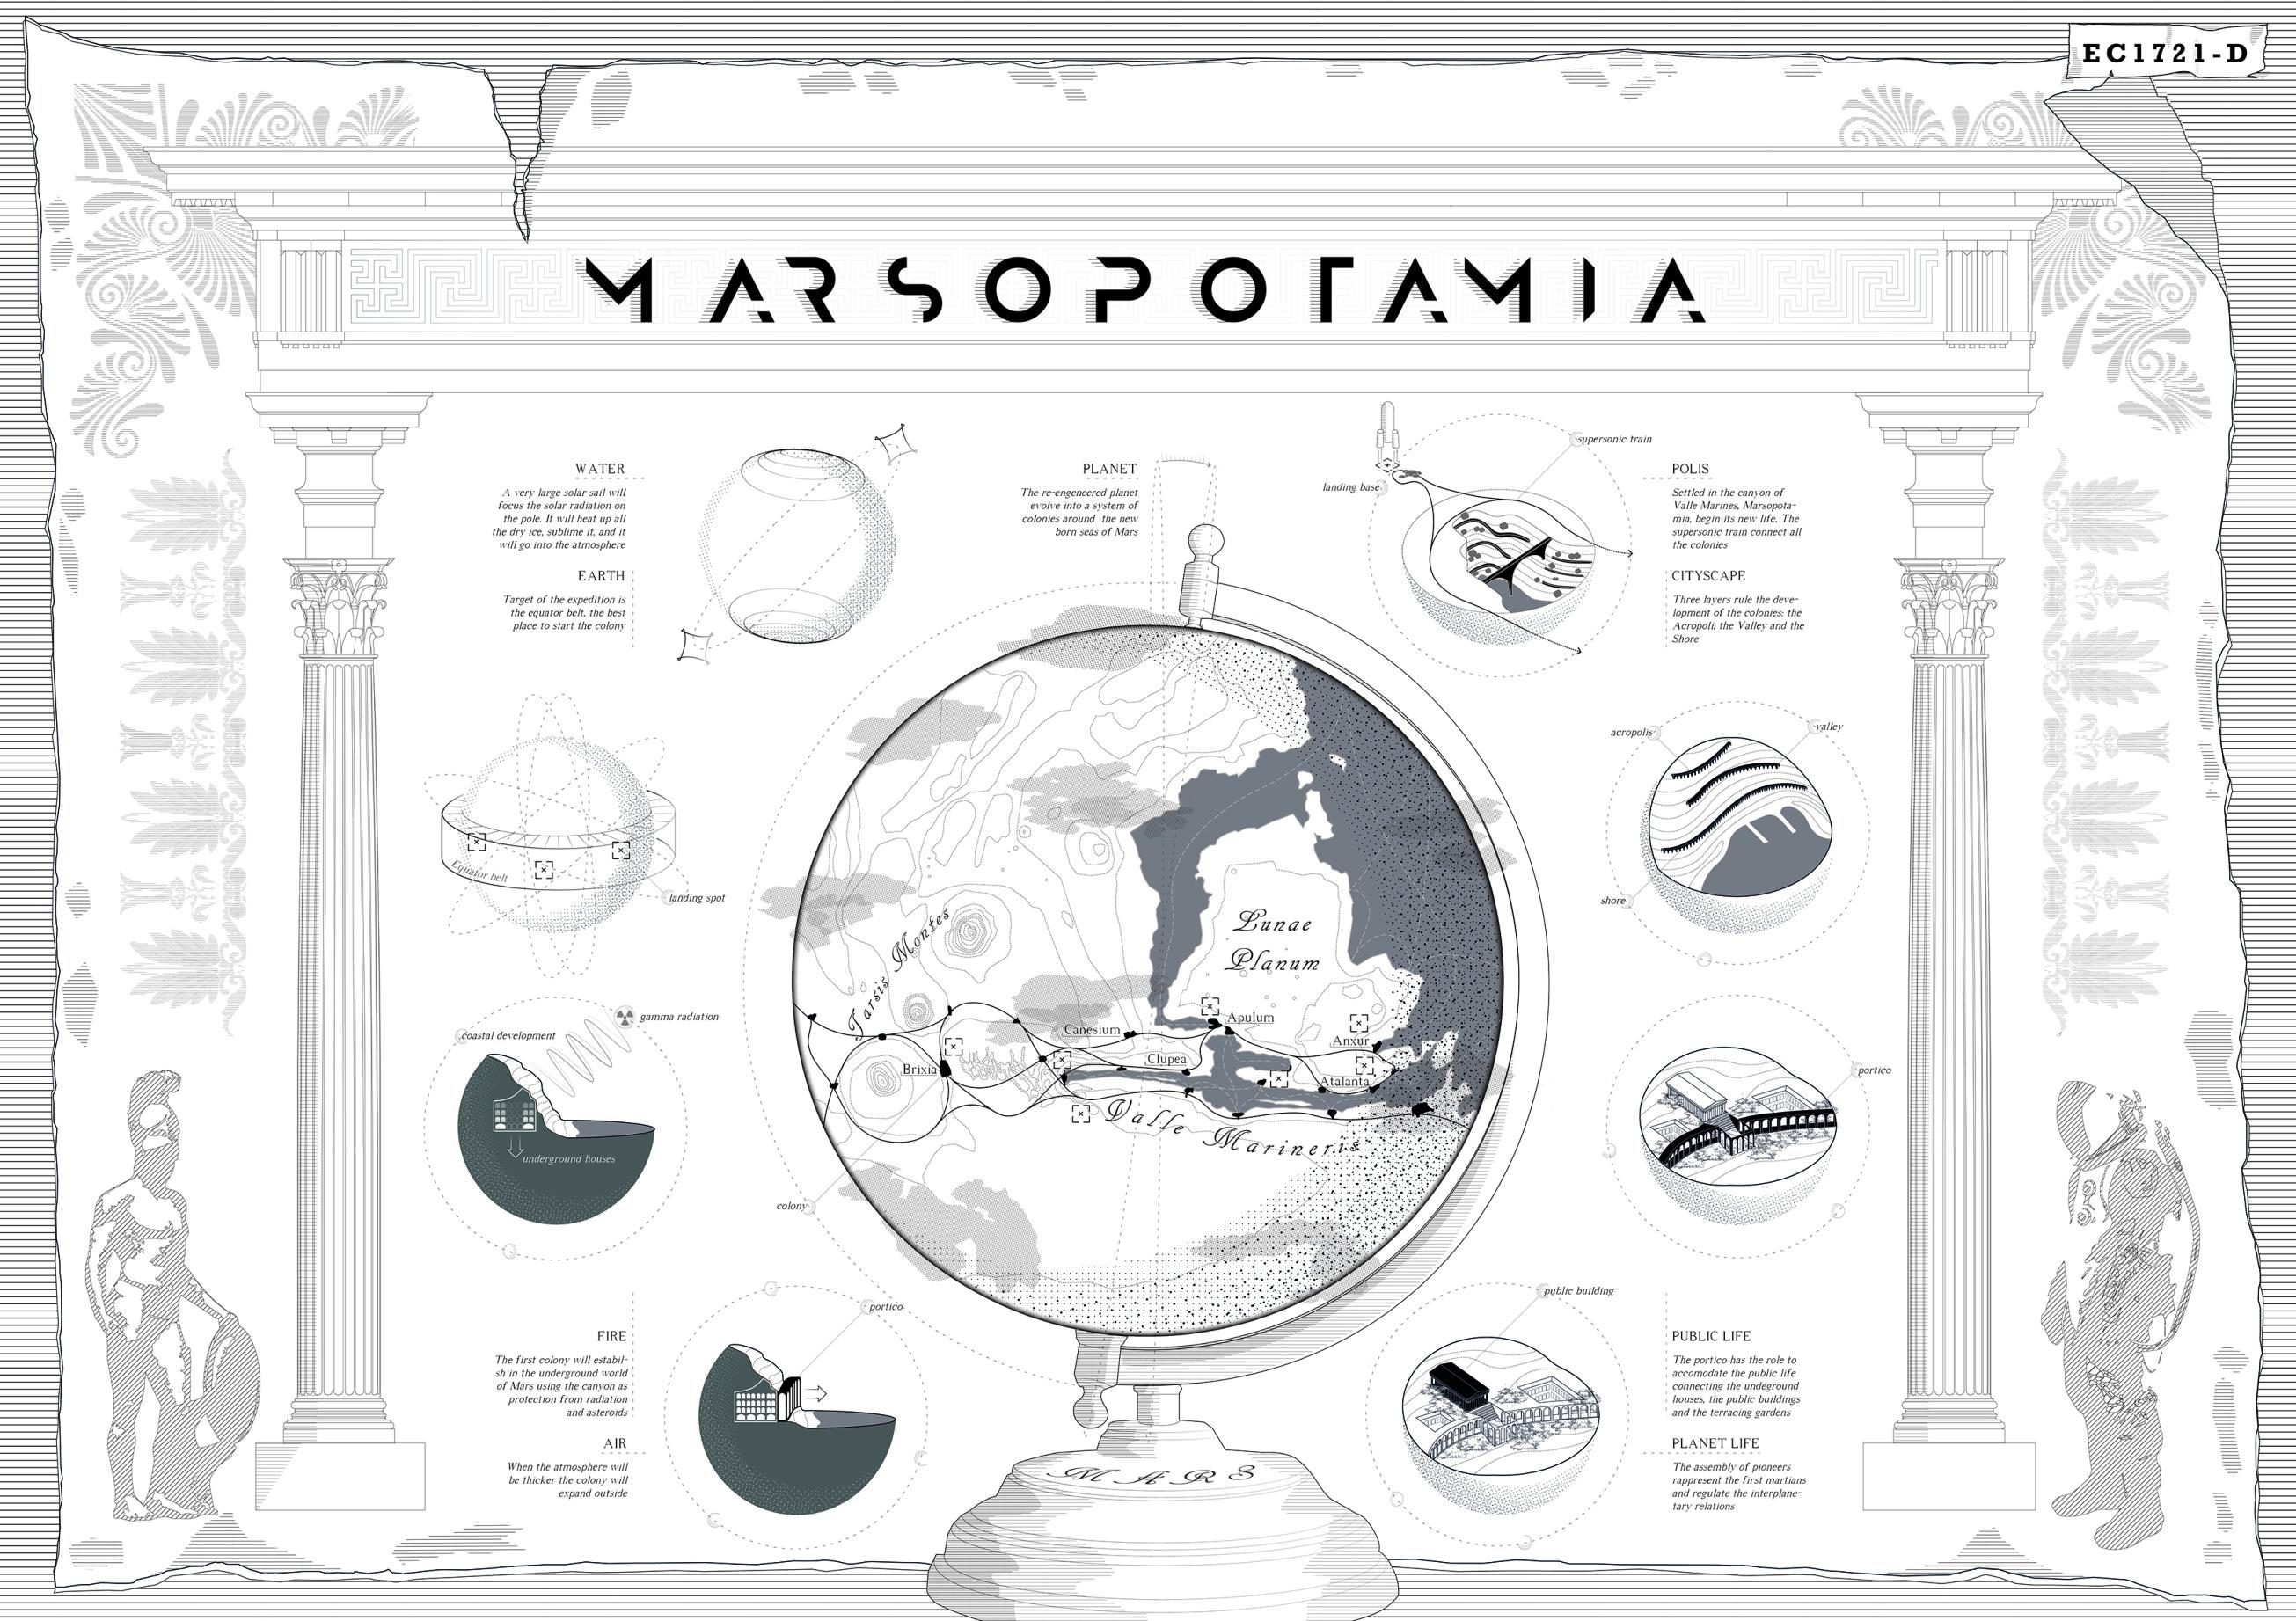 Marsopotamia